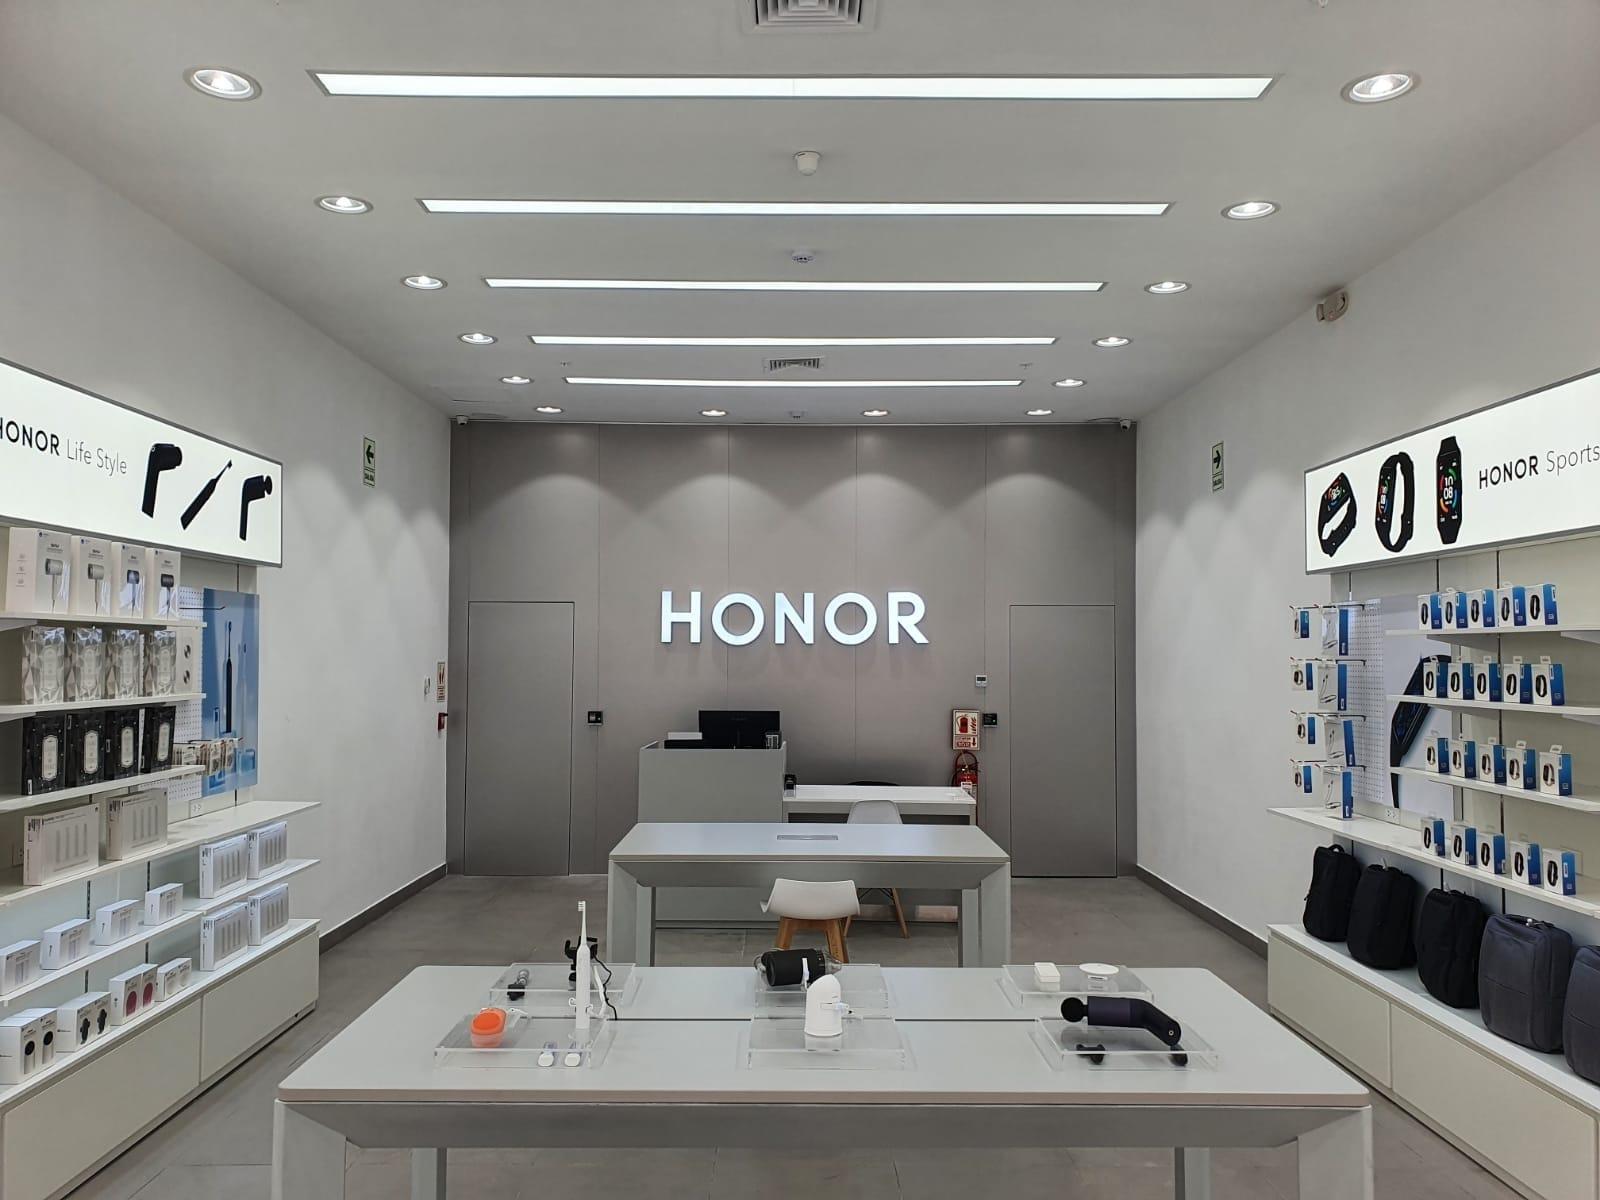 Foto de Honor confirma la apertura de su primera tienda en Perú